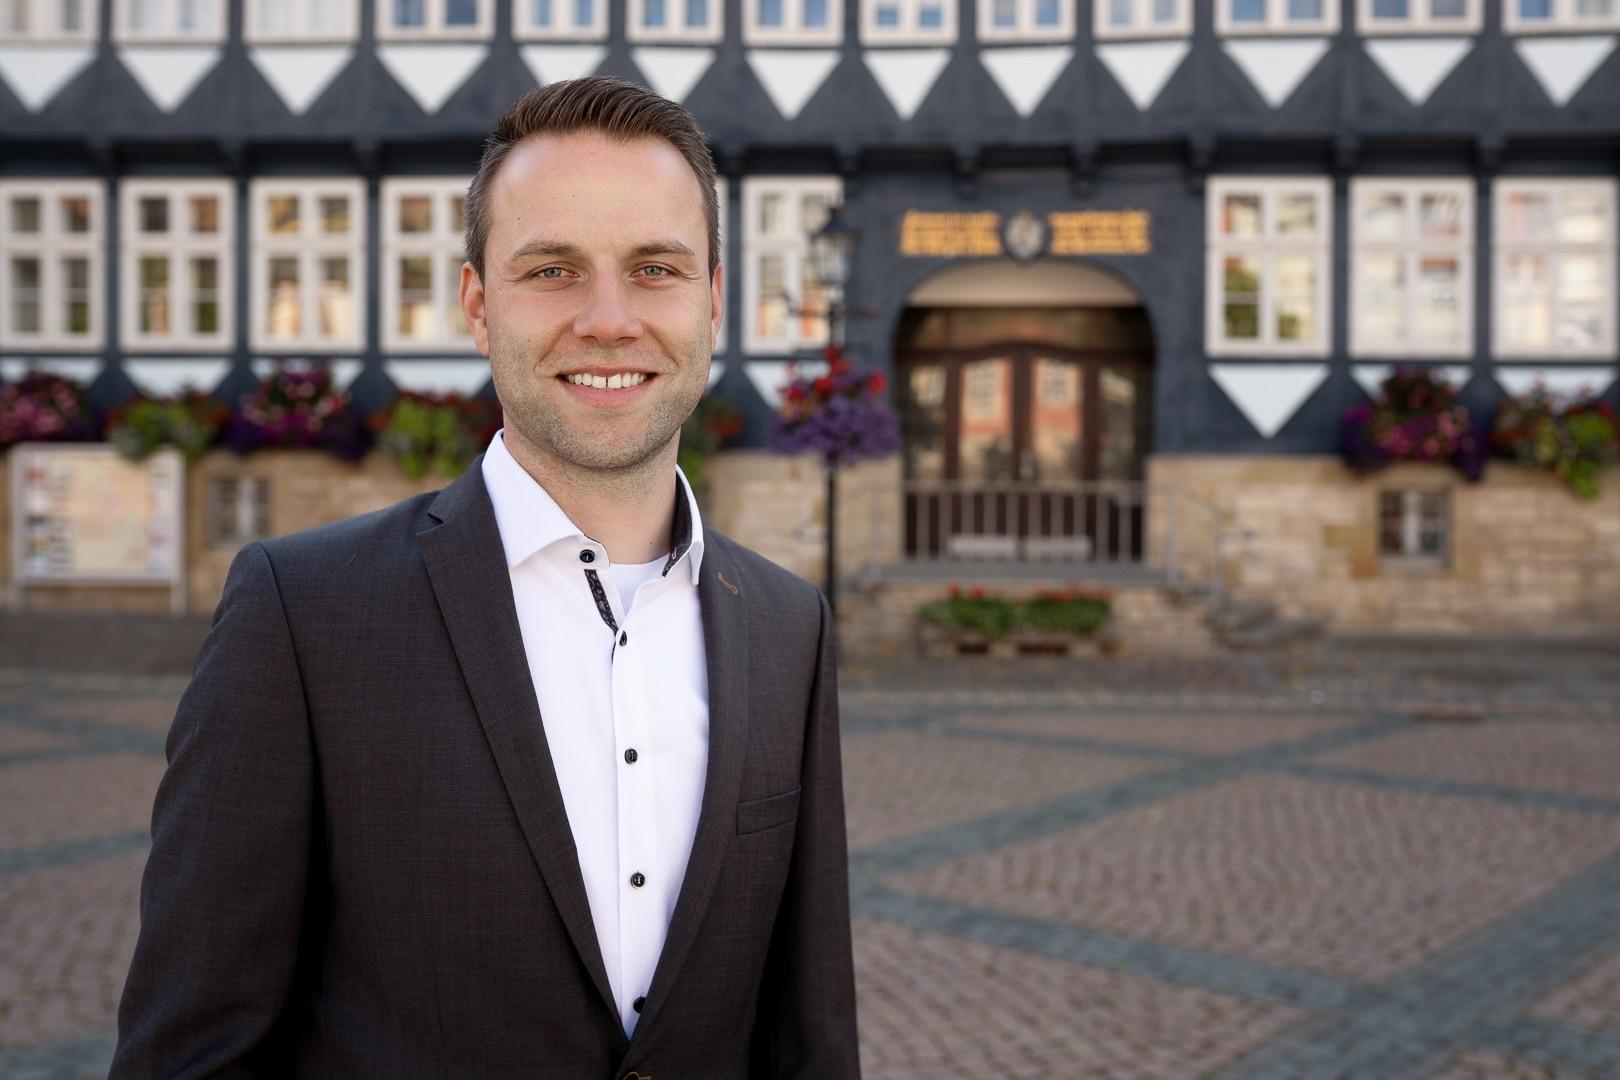 Dennis Berger, Kandidat als Bürgermeister für Wolfenbüttel 2021, am Rathaus Stadtmarkt Wolfenbüttel